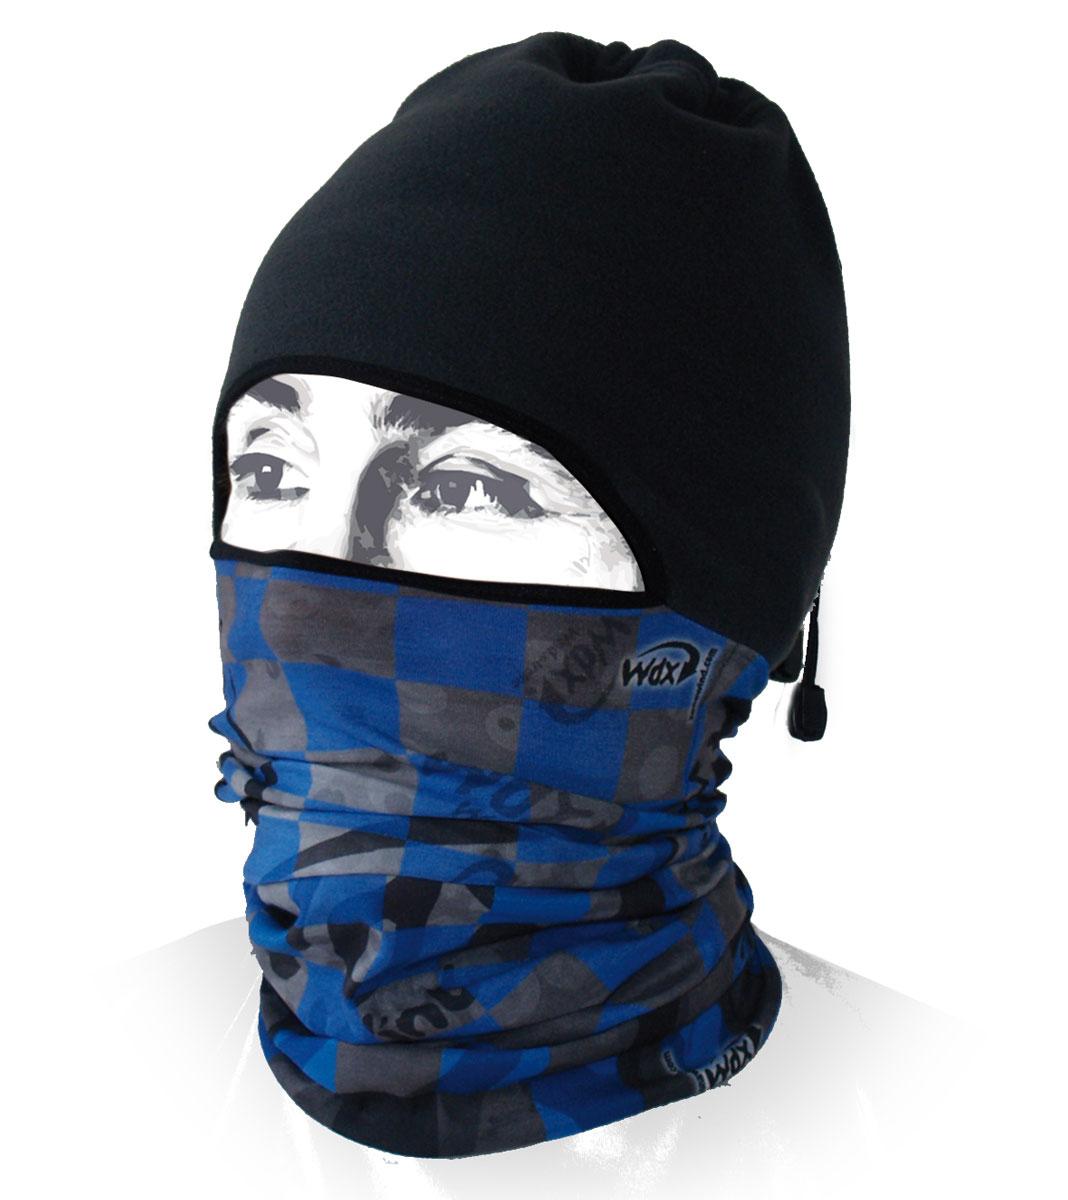 Бандана25380766Многофункциональный головной убор WdX ArcticWind - это очень современный предмет одежды, защитит вас от самого лютого мороза благодаря комбинации флиса и микрофибры. Его можно использовать как: шапку, бандану, маску, шарф, повязку, платок. Подходит для занятий бегом, походов, скалолазания, езды на велосипеде, сноуборда, катания на лыжах, мотоциклах, игры в хоккей, а так же для повседневного использования. Сочетание ткани и шапочки из флиса Pilhot гарантируют дополнительные тепло и комфорт, отведение влаги, быстрое высыхание, очень эластичны, принимают практически любую форму. Обладает антибактериальным эффектом.